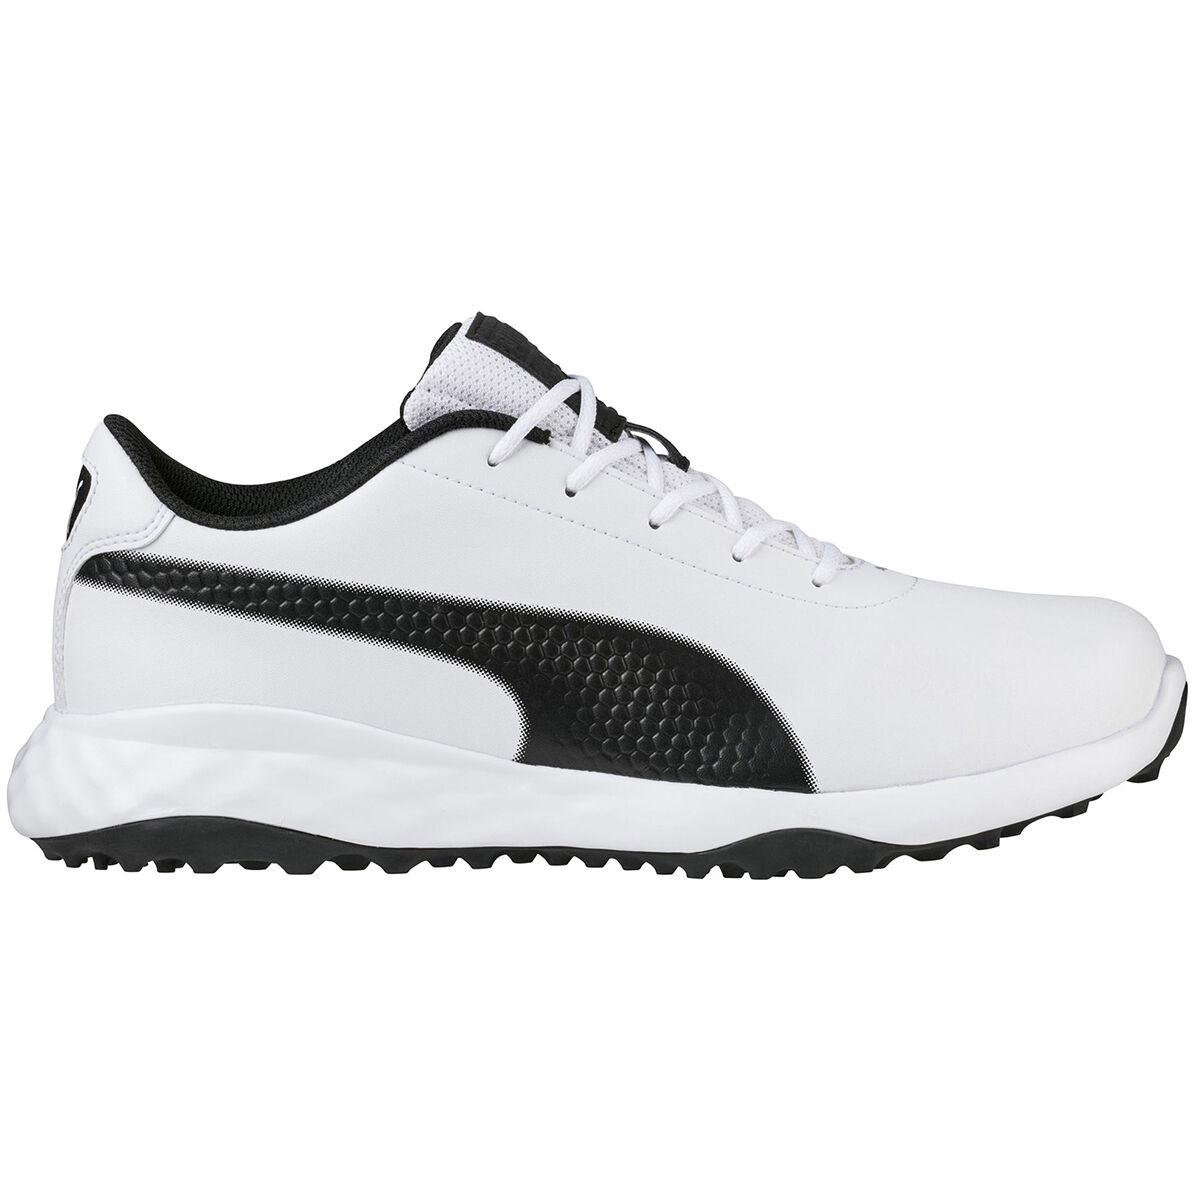 puma scarpe golf